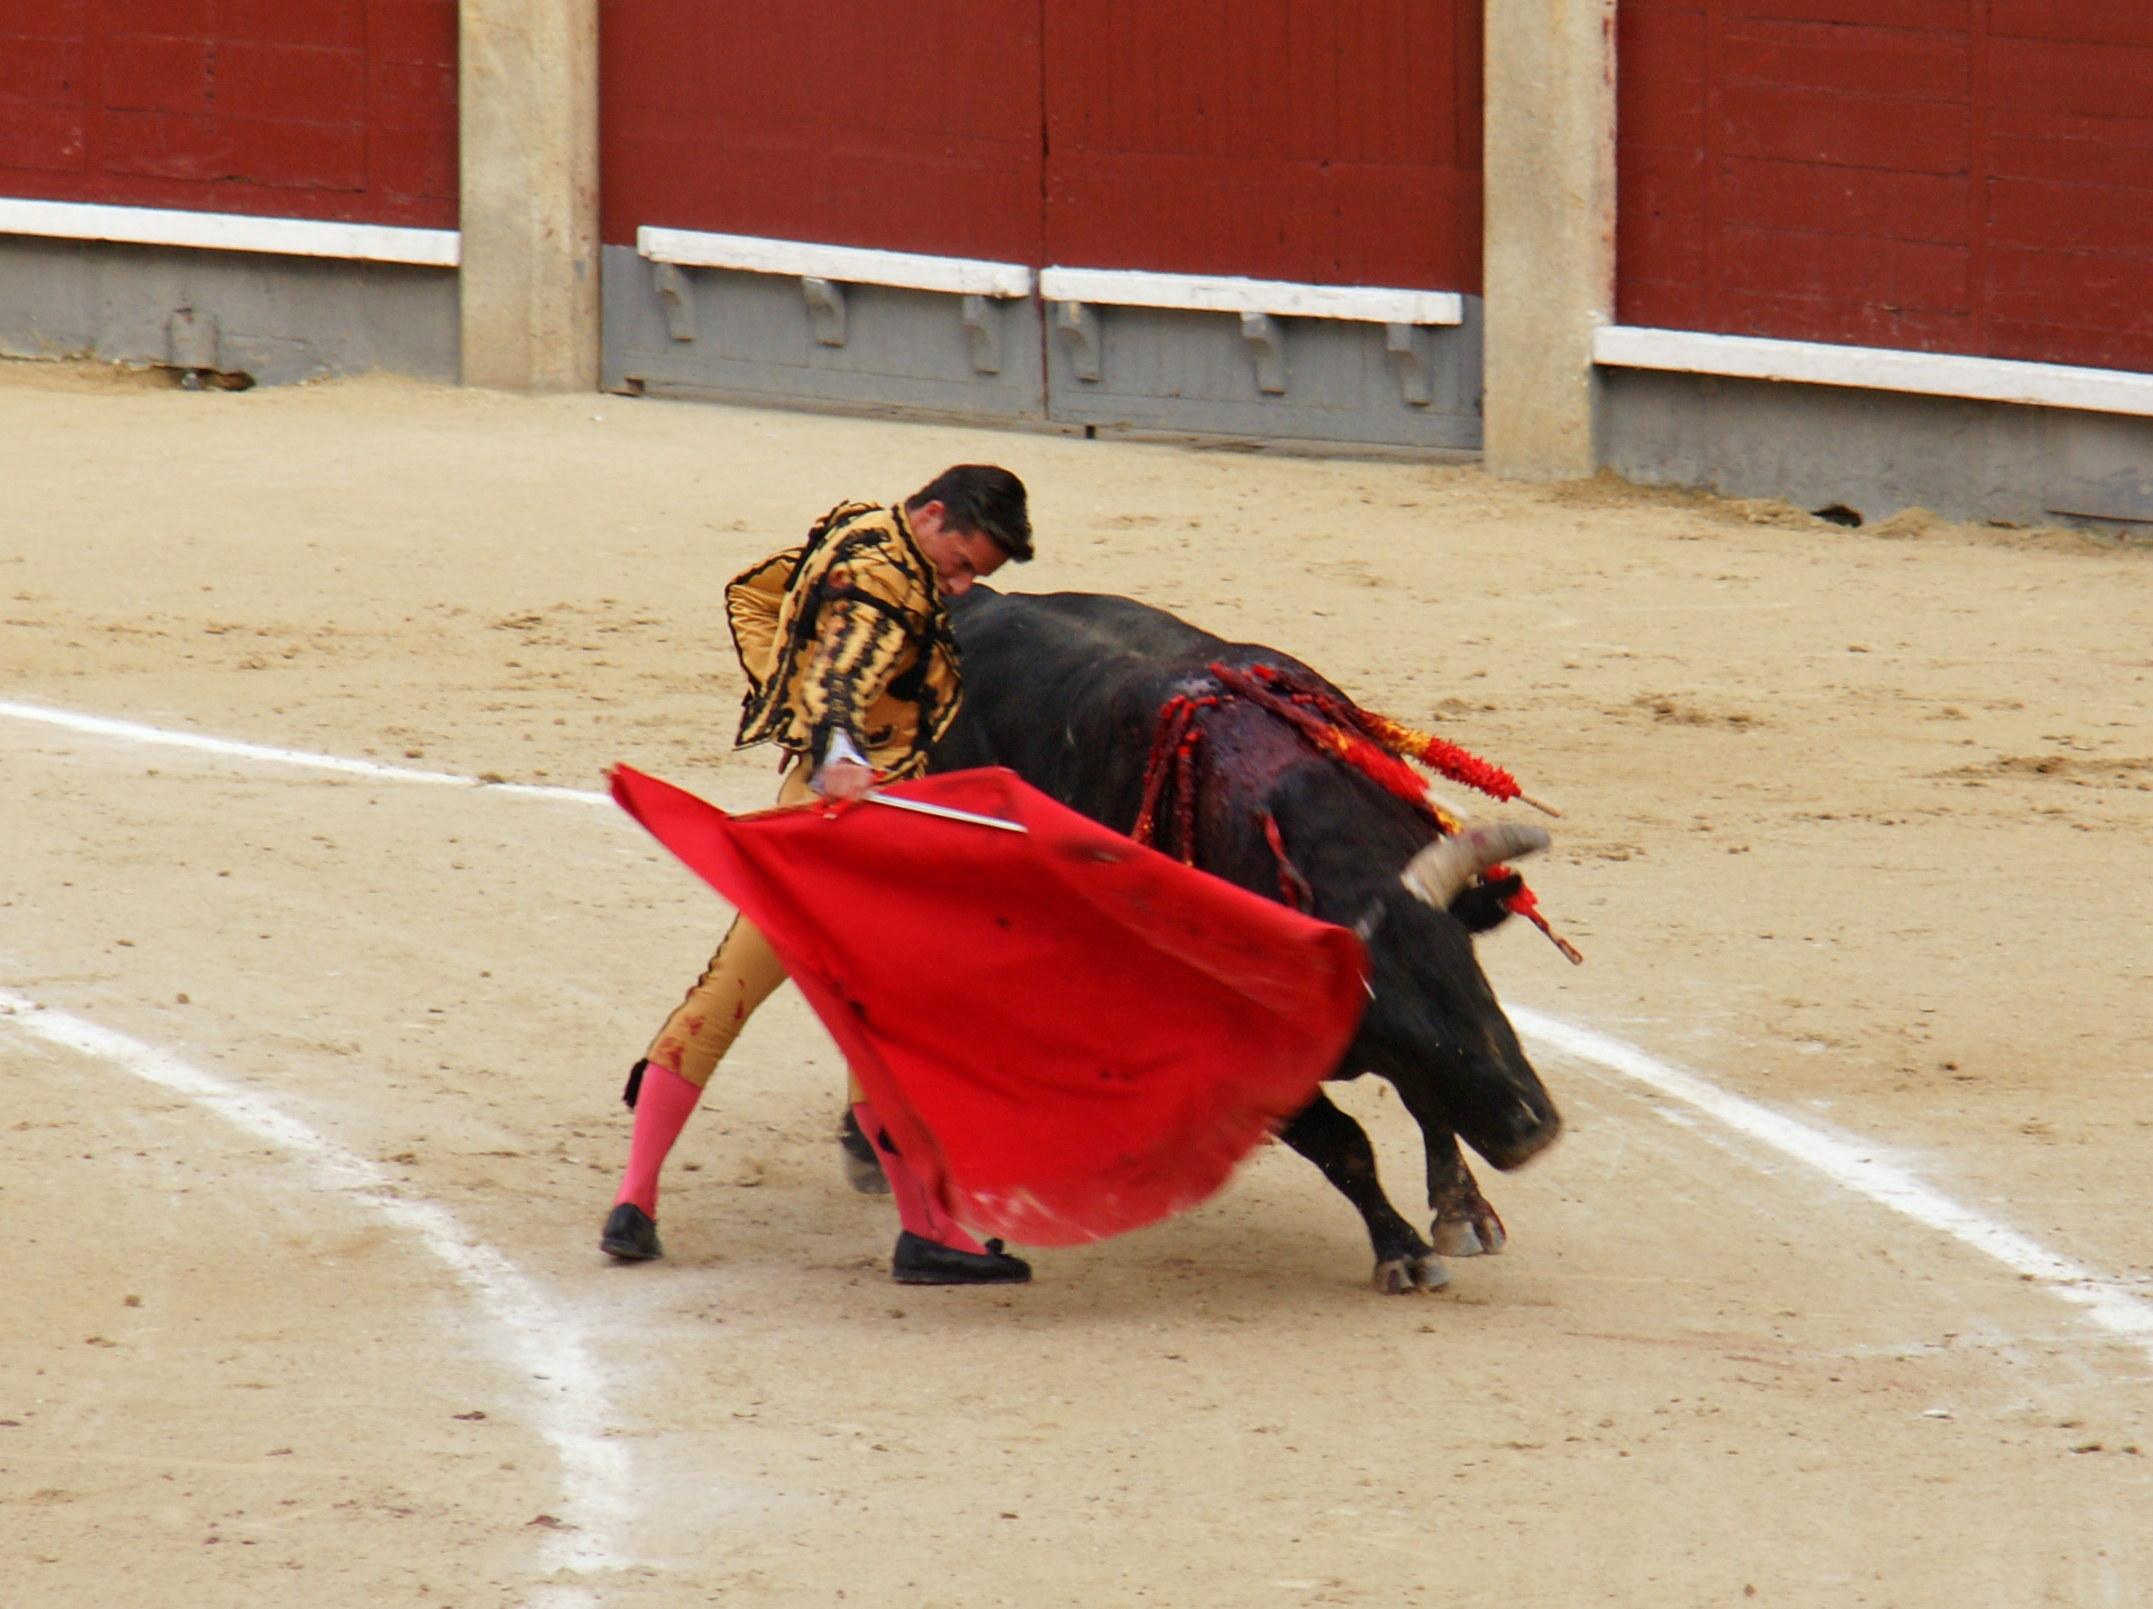 Tauromaquia-Matador-Gallery13